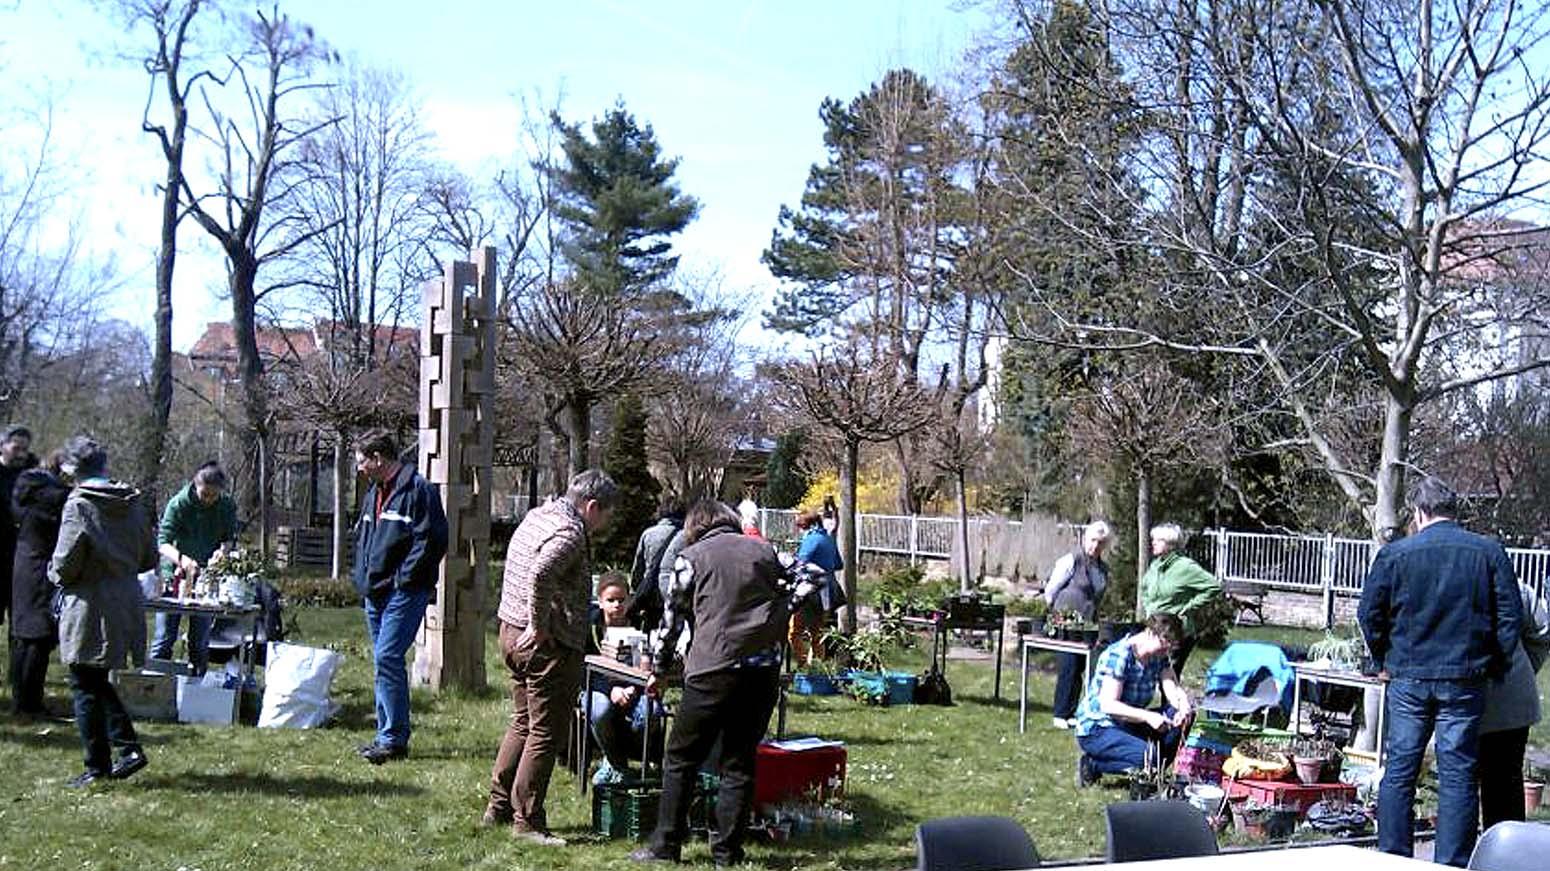 Auf einer grünen Hinterhofwiese stehen Stände, die Samen und Jungpflanzen präsentieren. Menschen laufen umher und stehen neugierig an den Tischen.